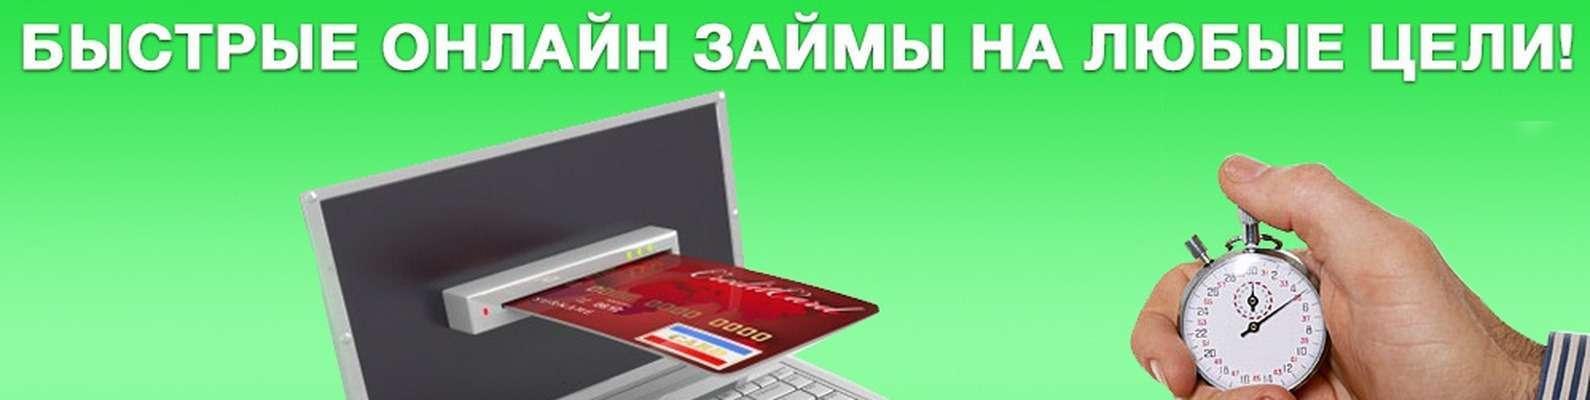 онлайн кредит visame